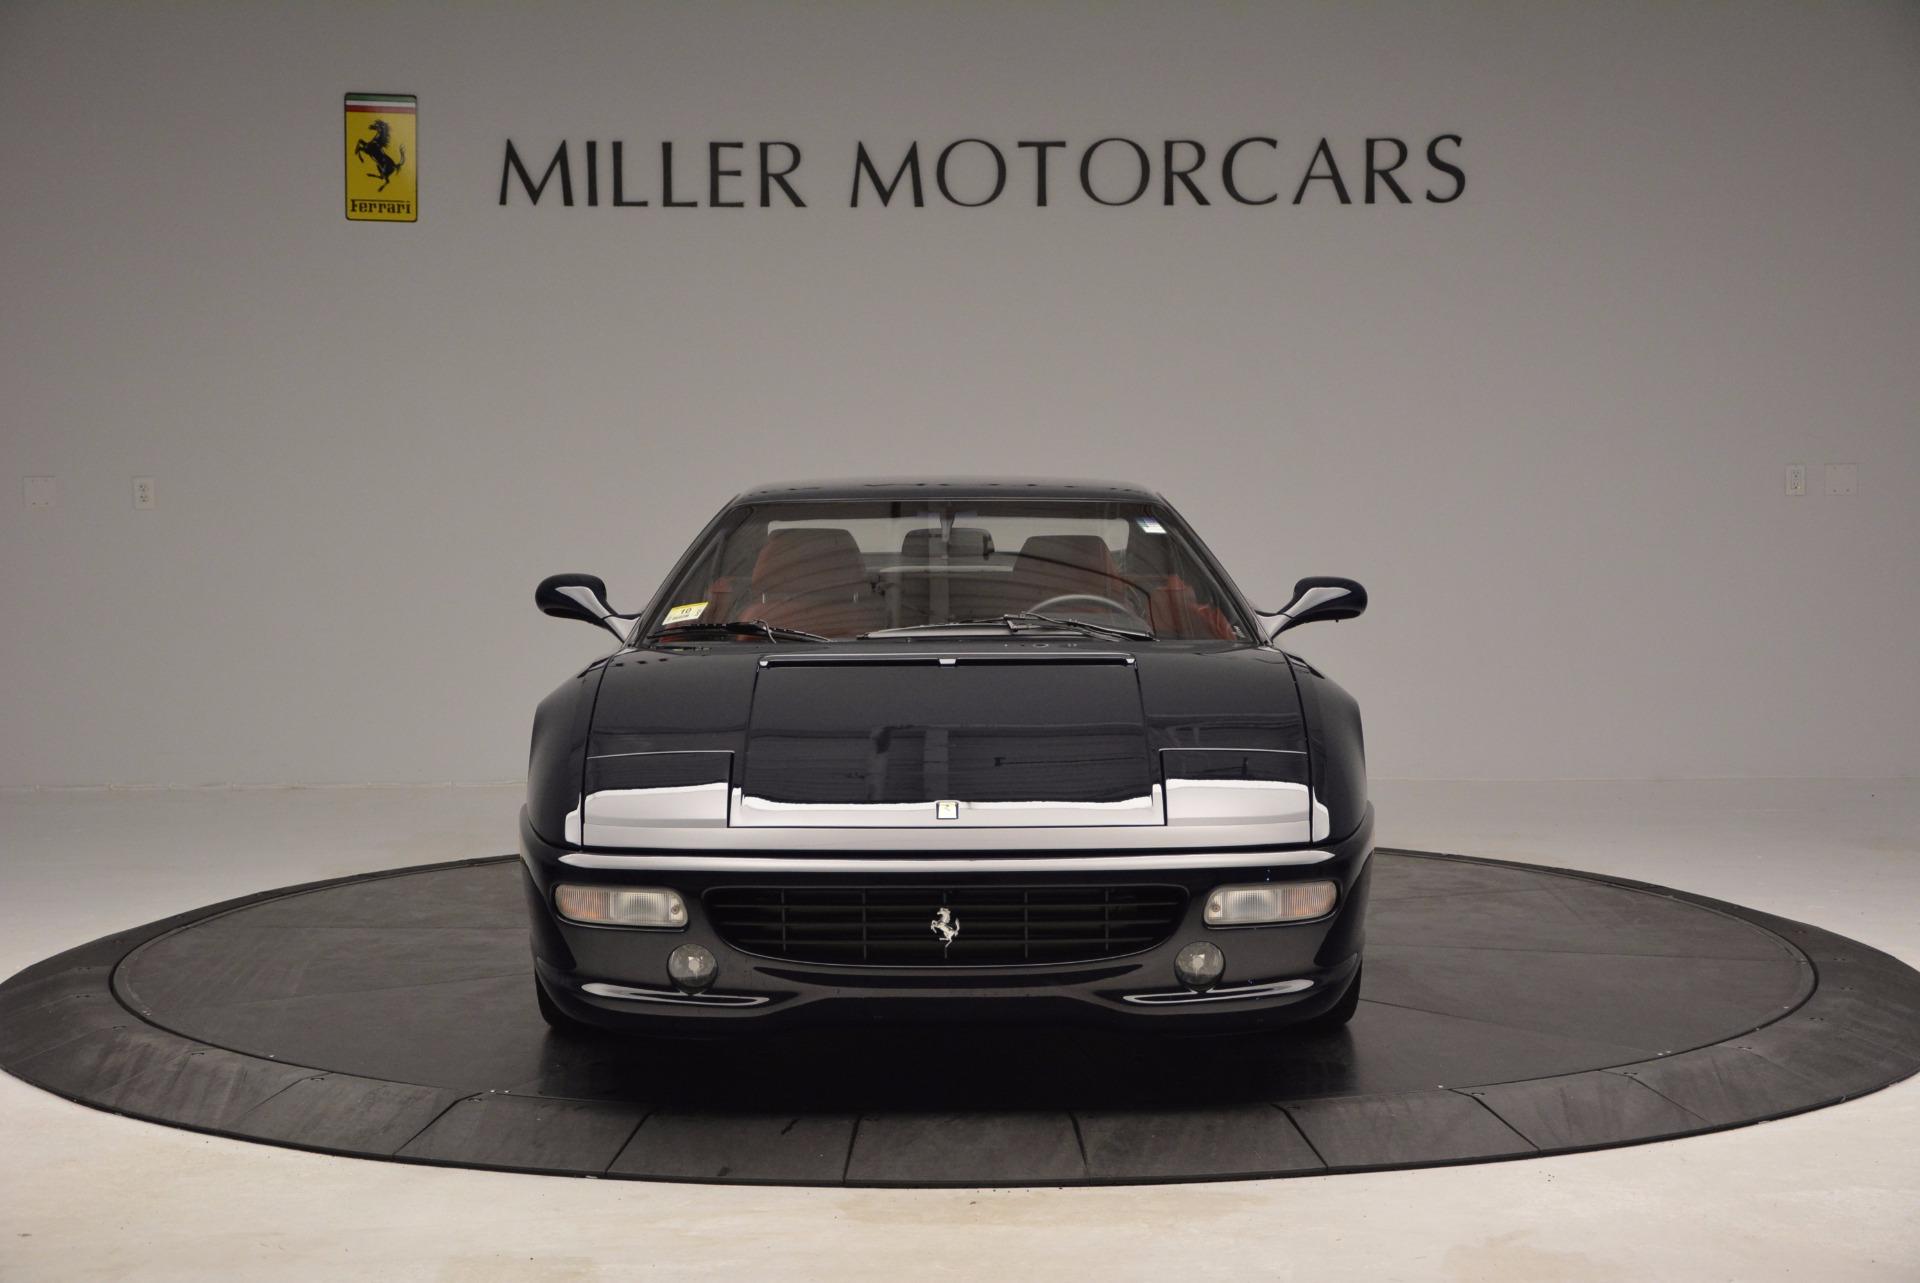 Used 1999 Ferrari 355 Berlinetta For Sale In Greenwich, CT. Alfa Romeo of Greenwich, 4357 855_p13